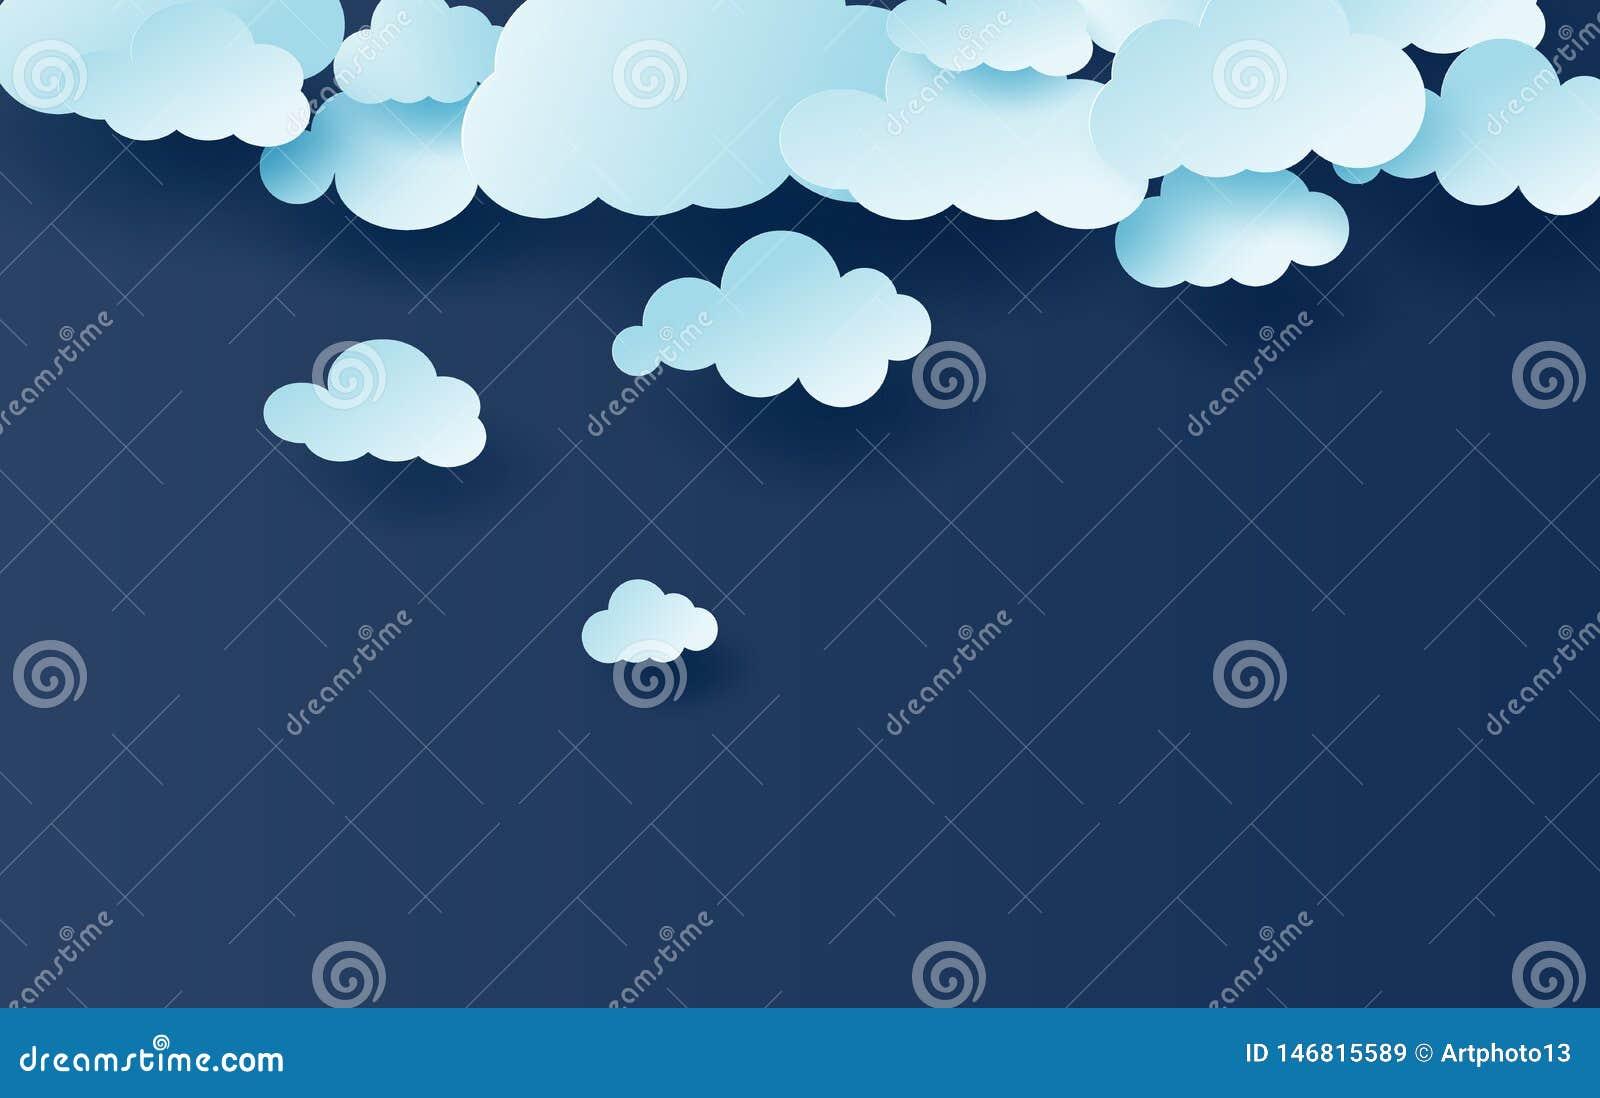 Ejemplo 3D del vector blanco del modelo de las nubes del cielo azul claro Diseño creativo simple con el corte del papel del cloud